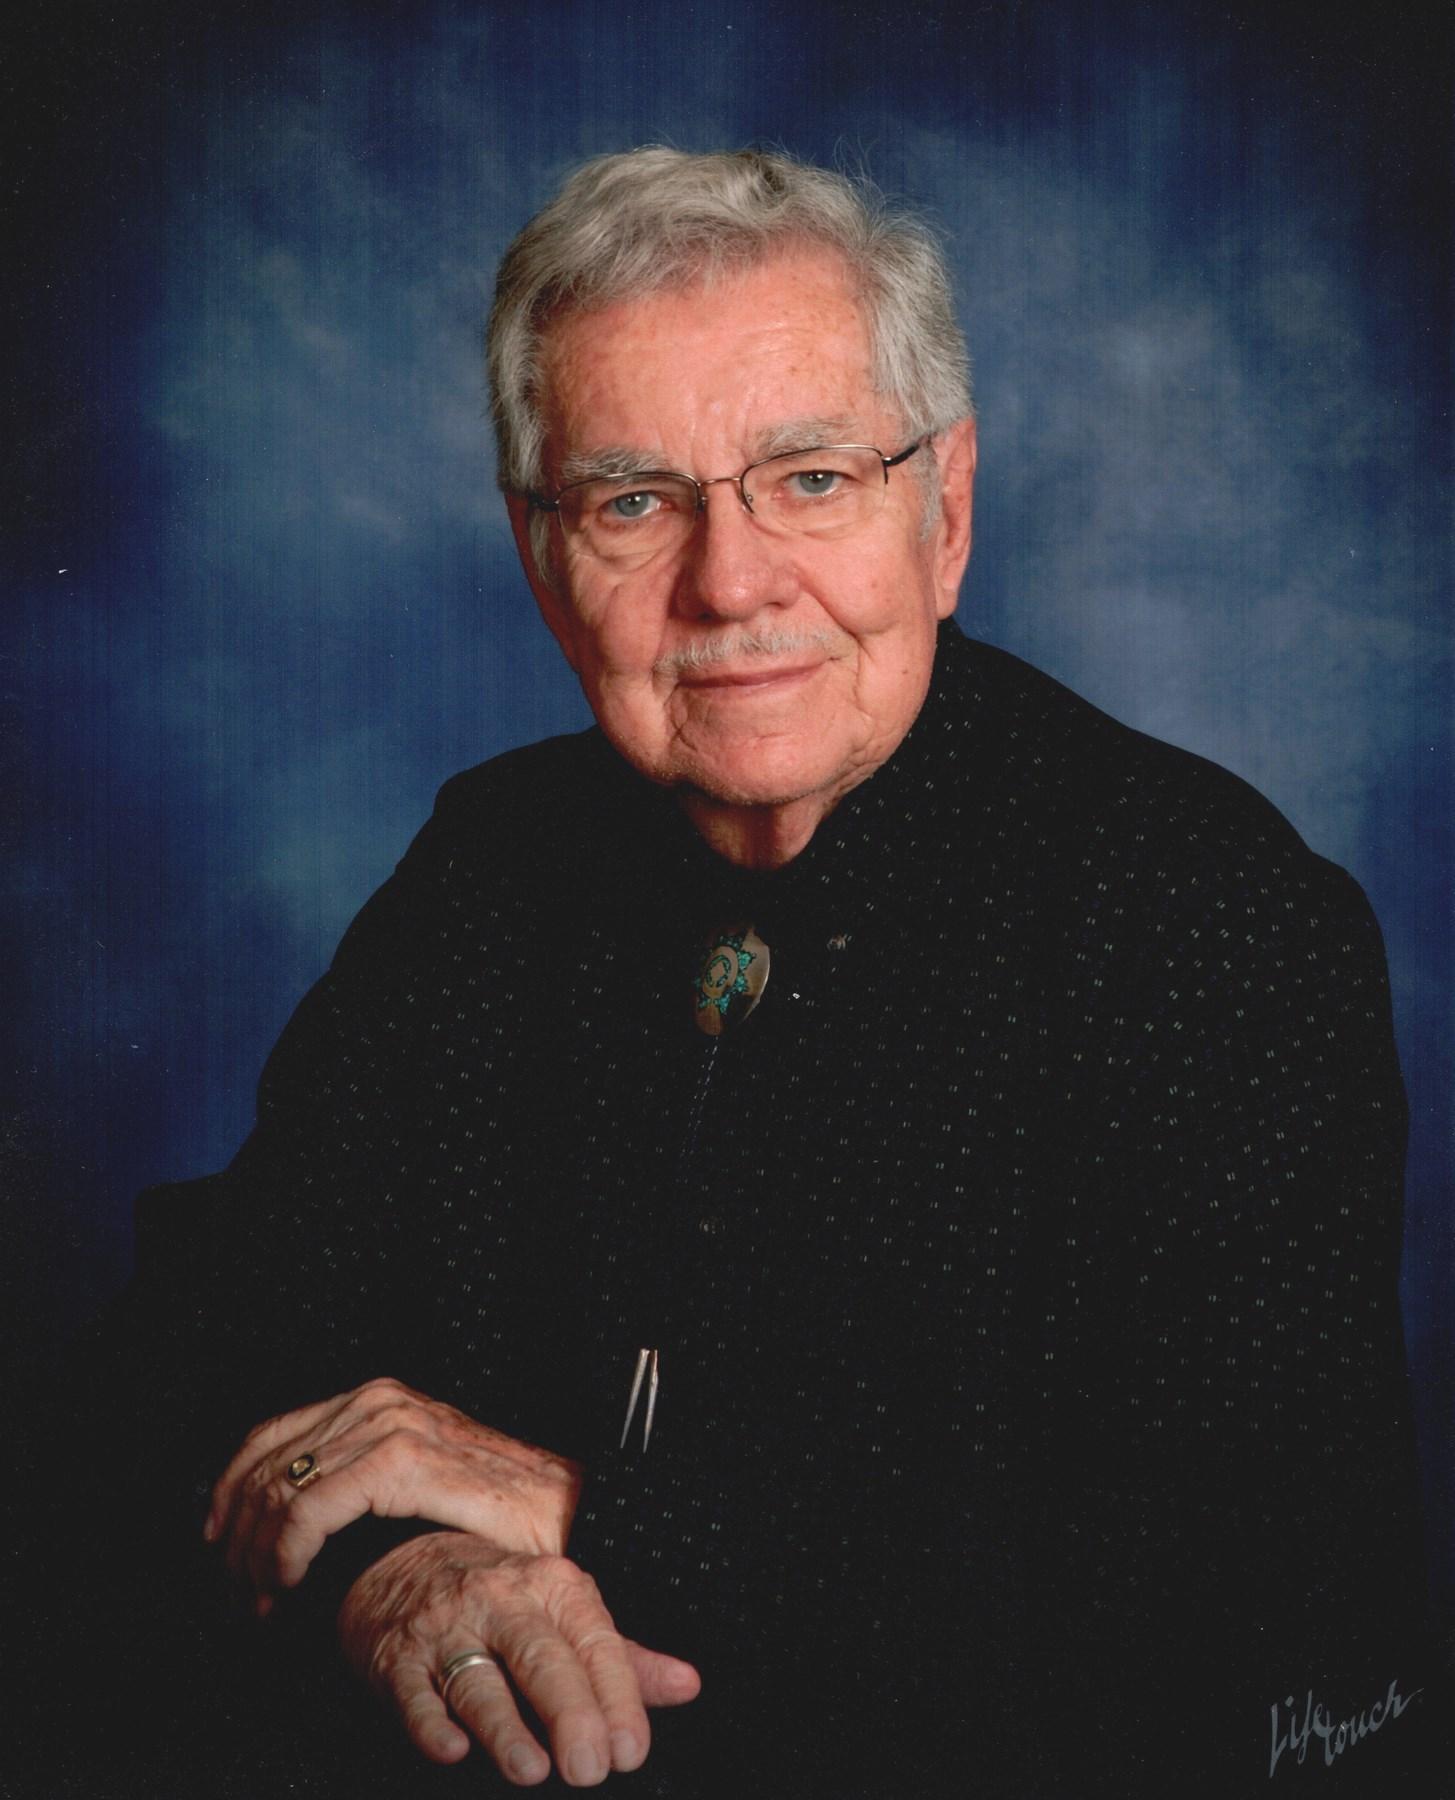 Donald W Green Obituary - New Braunfels, TX